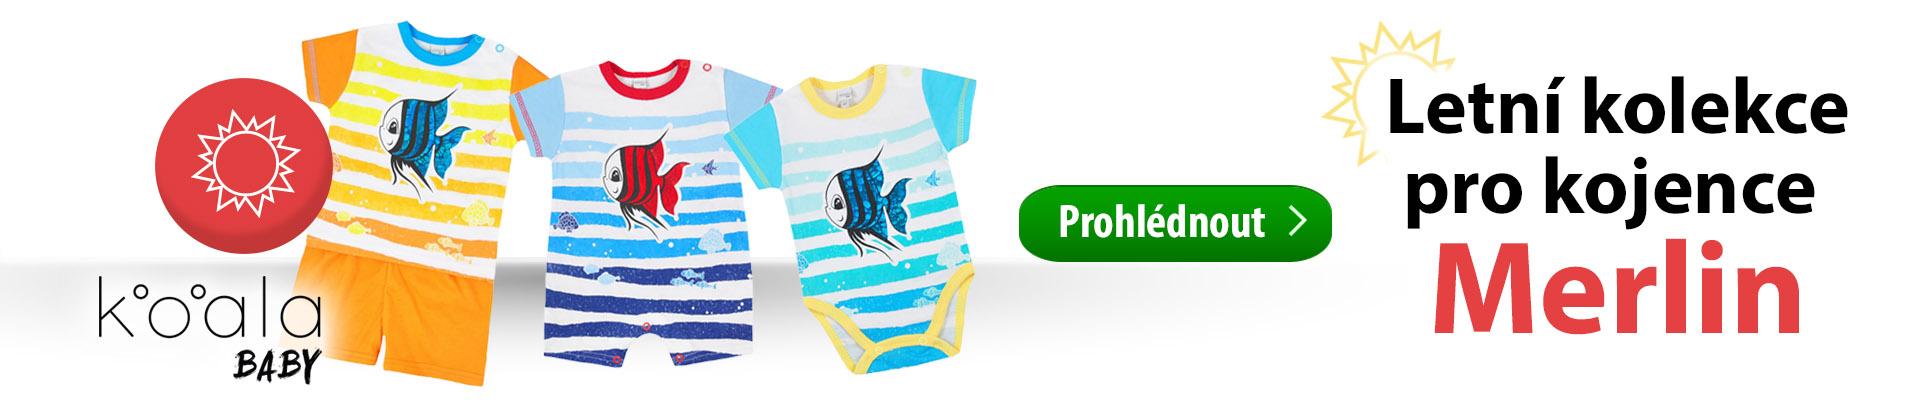 d772ce4b280 Krásná módní letní kolekce kojeneckého oblečení Koala Merlin. Tato kolekce  je speciálně navrhnuta z příjemných a praktických materiálů